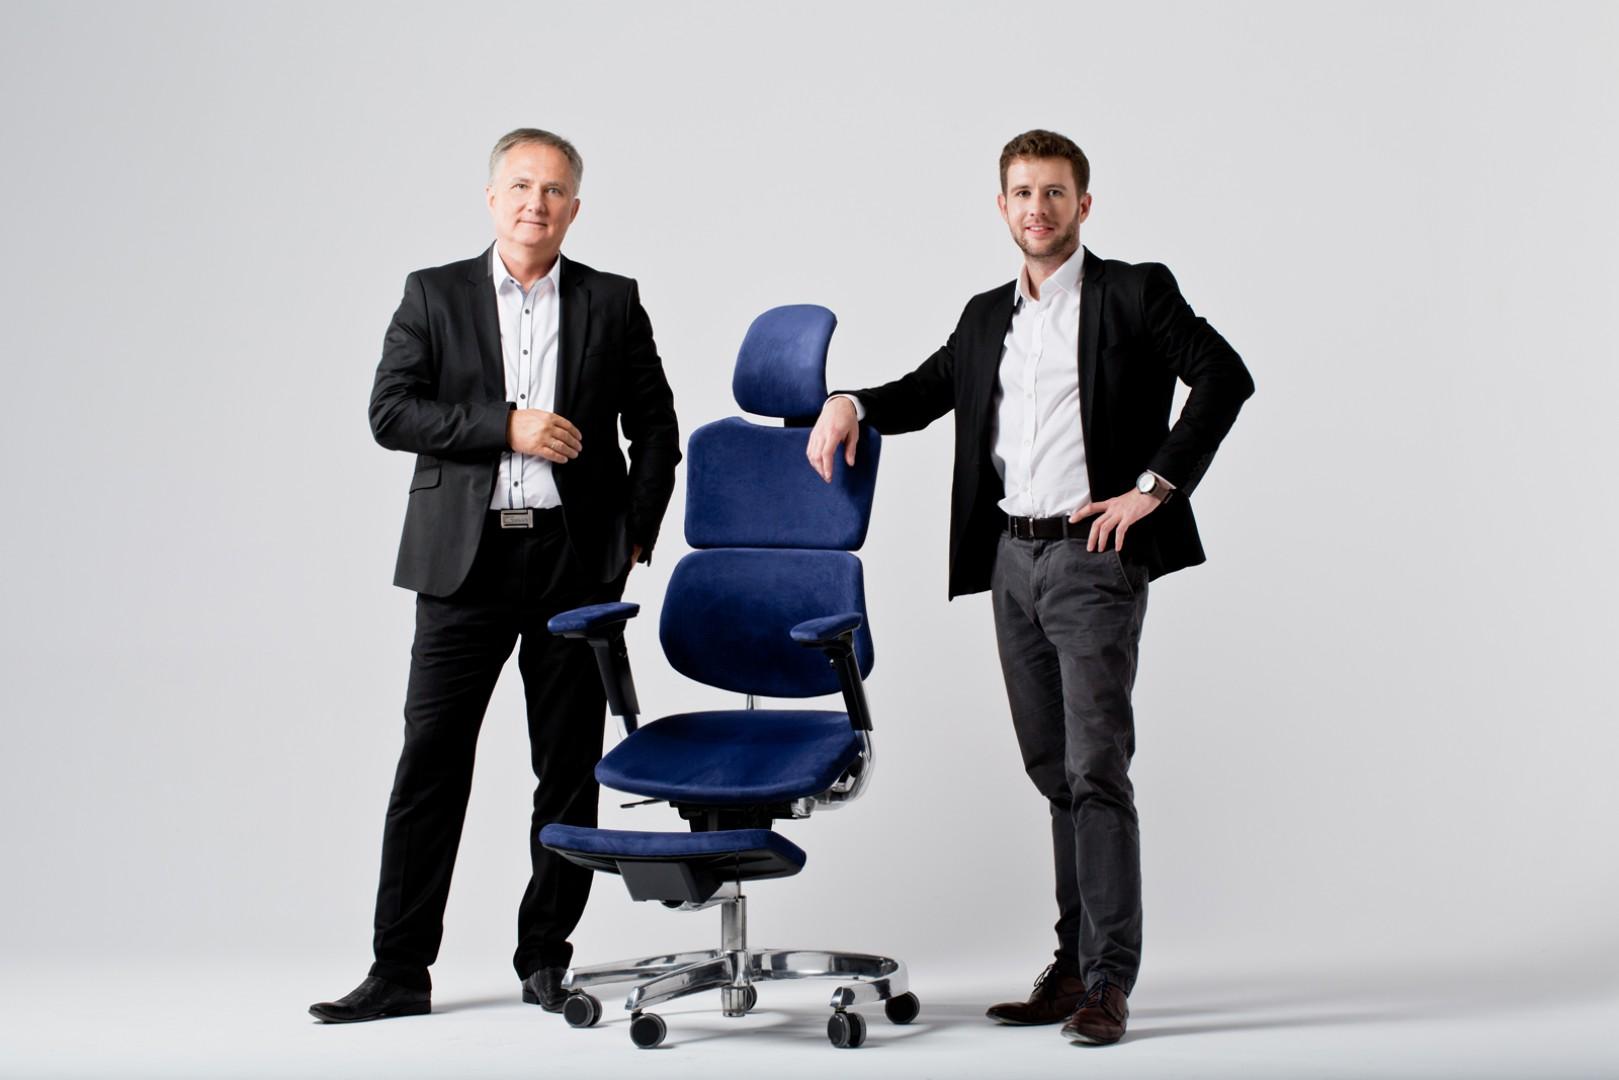 Andrzej Kieryłło i Mateusz Kieryłło z Human+, twórcy fotela Blue Bird. Fot. Human+